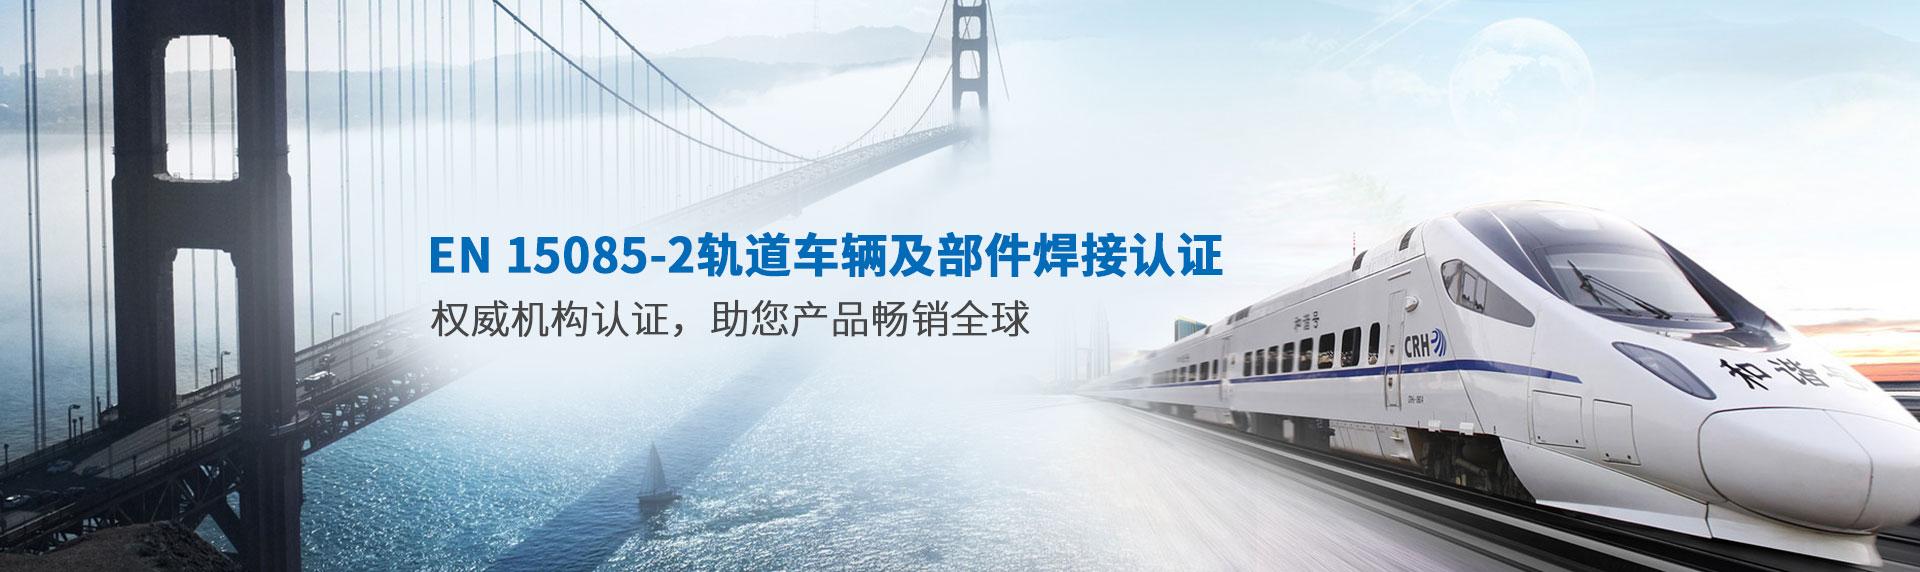 EN15085认证_允铨检测技术服务(上海)有限公司